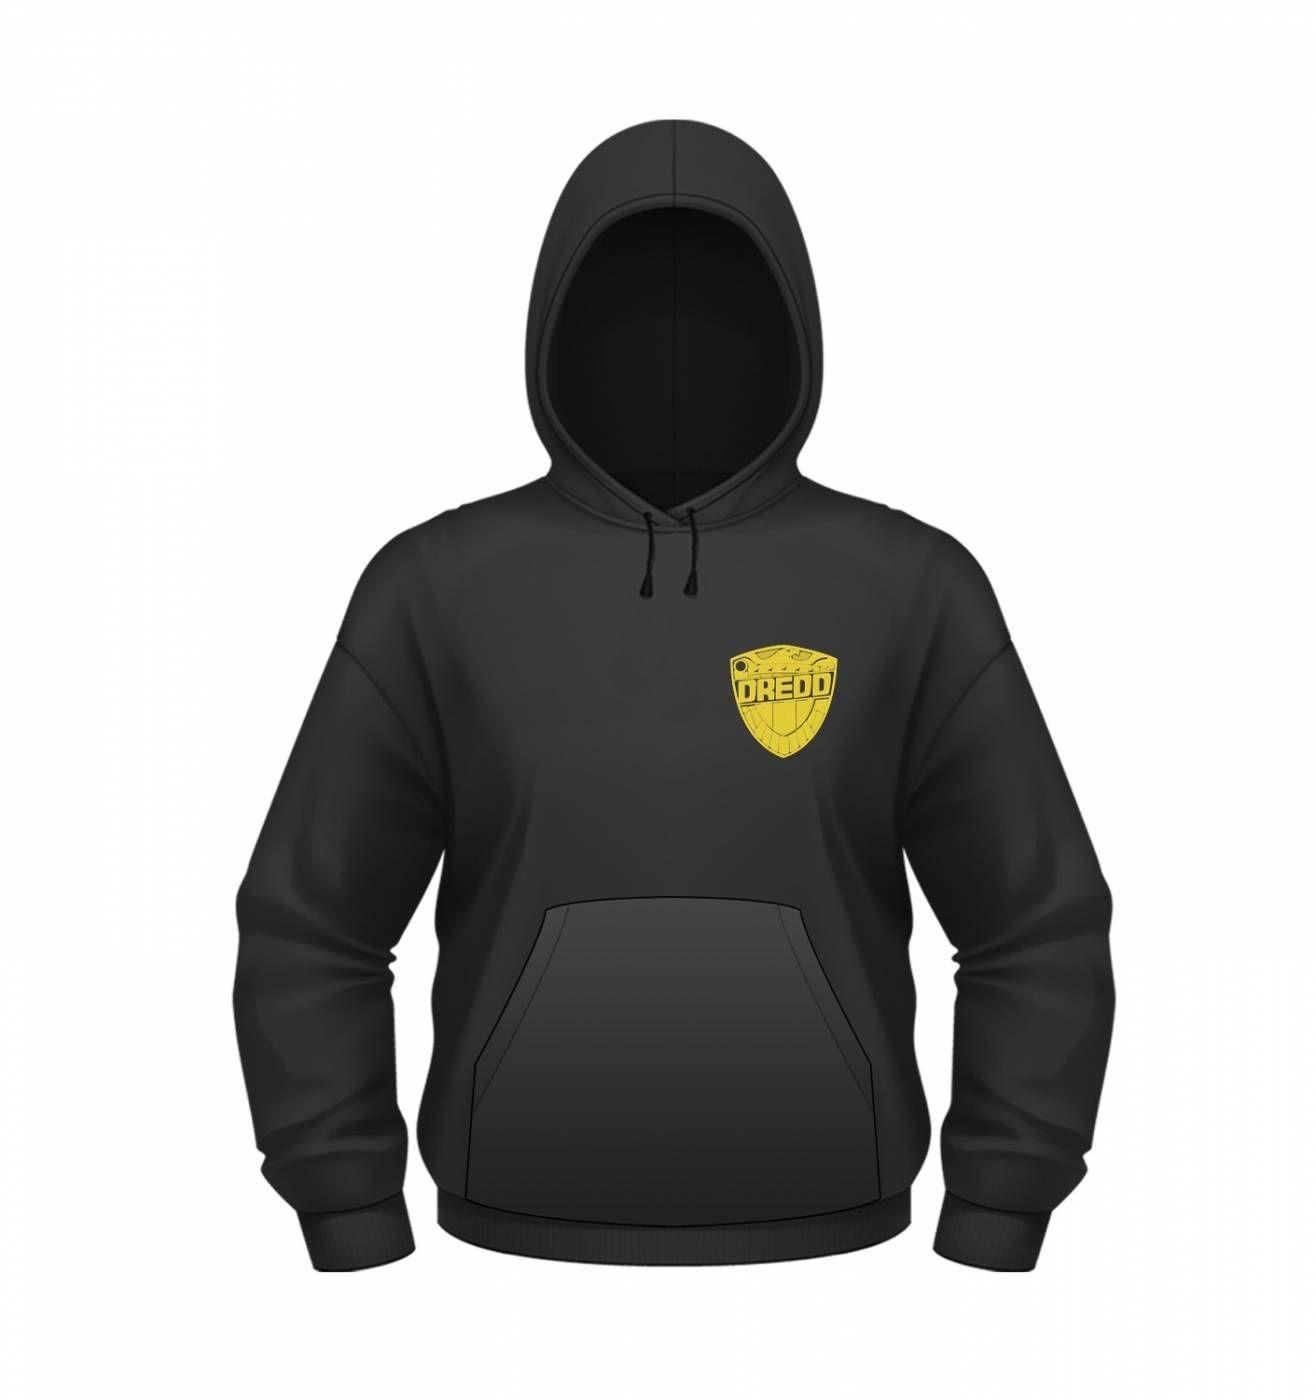 OFFICIAL 2000AD Judge Dredd Emo Kids hoodie